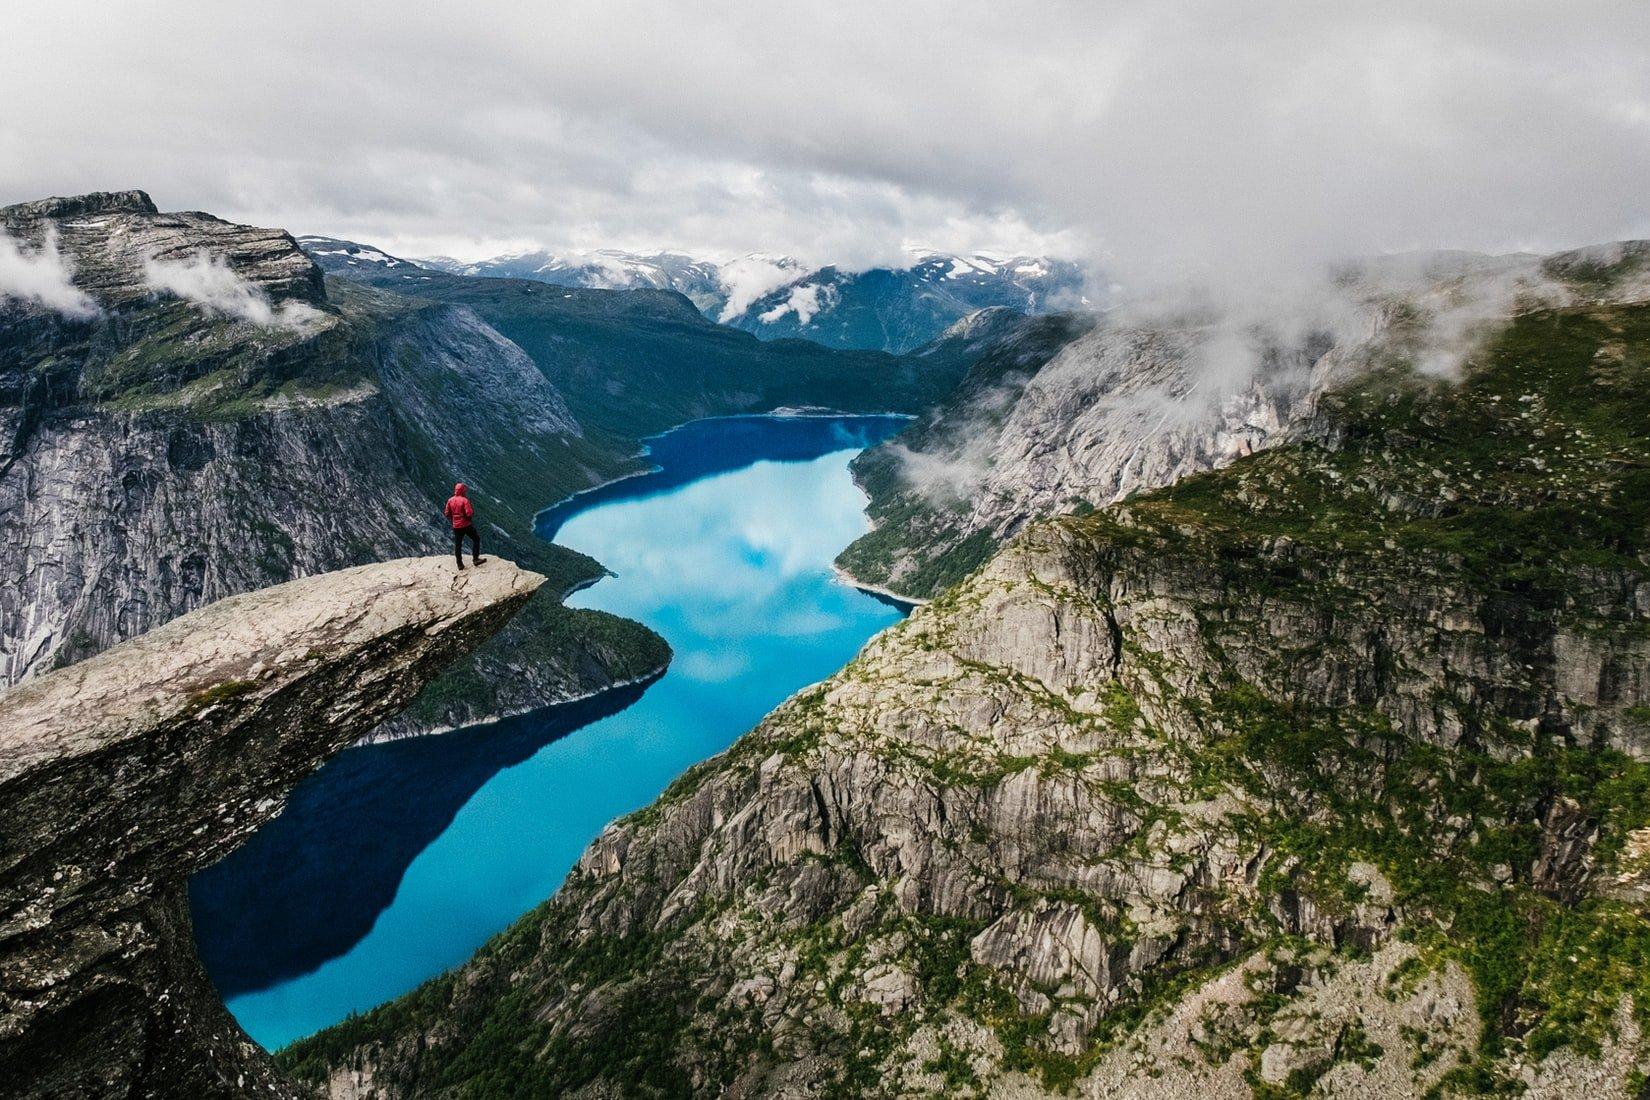 lac et montagne norvège voyage famille